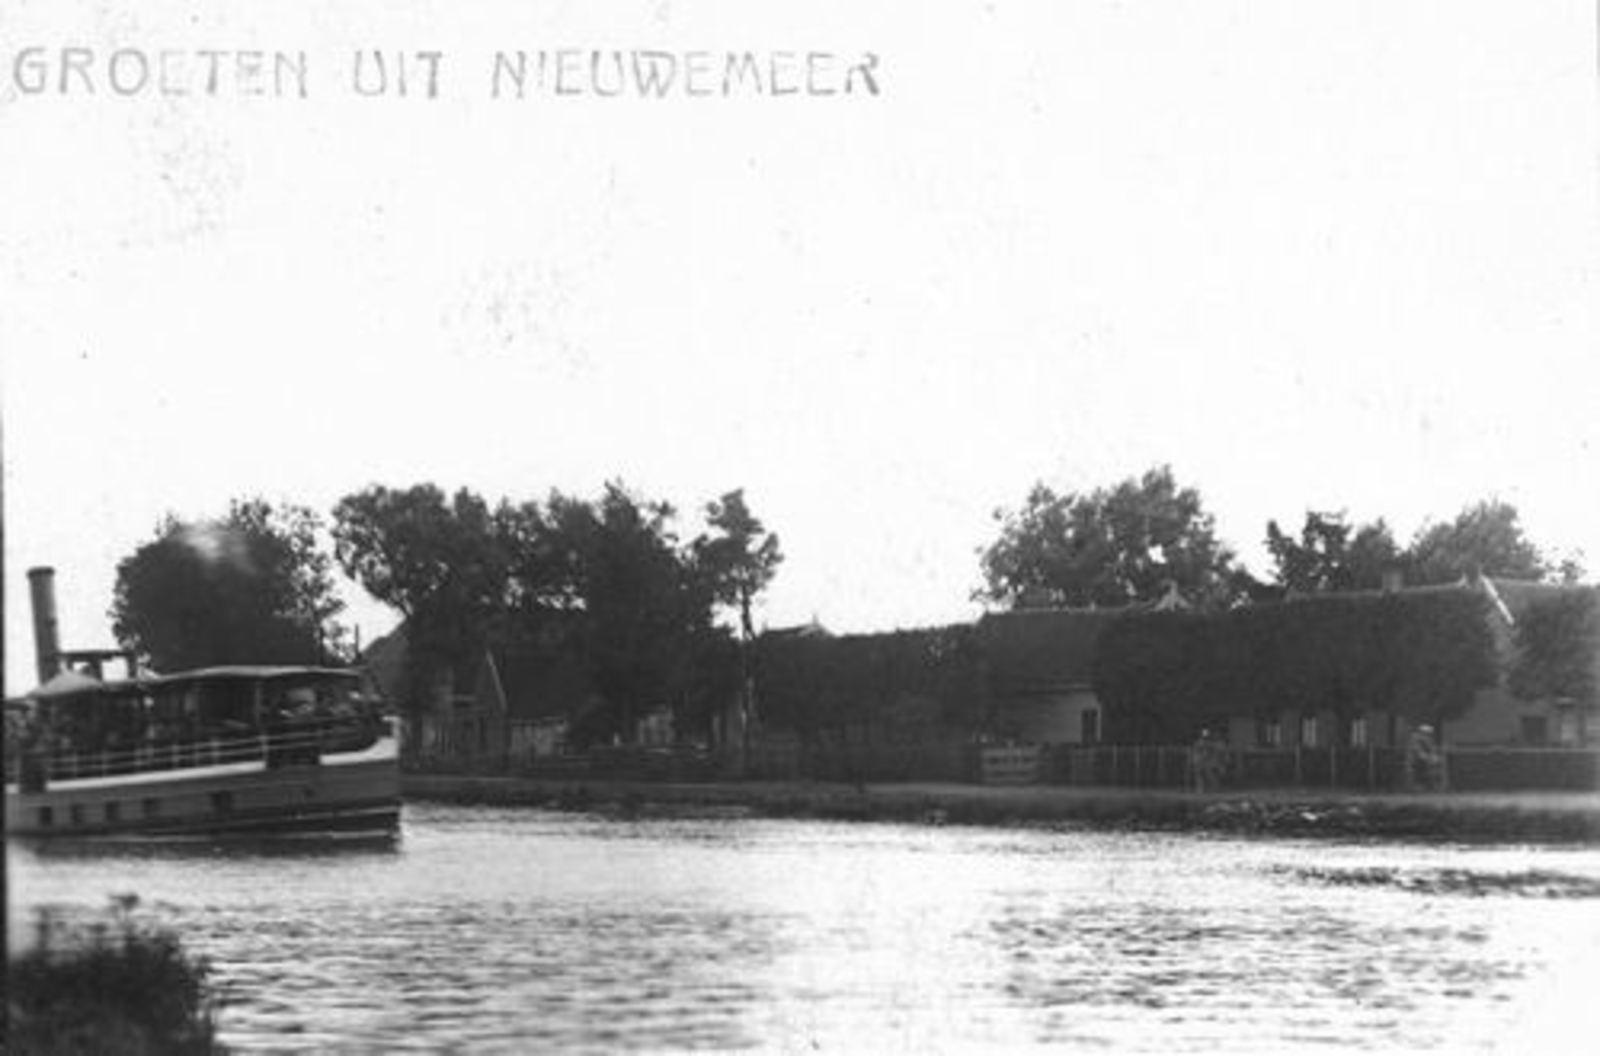 <b>ZOEKPLAATJE:</b>Nieuwemeerdijk 0000 0001 19__ Onbekend Groeten uit_ReExp